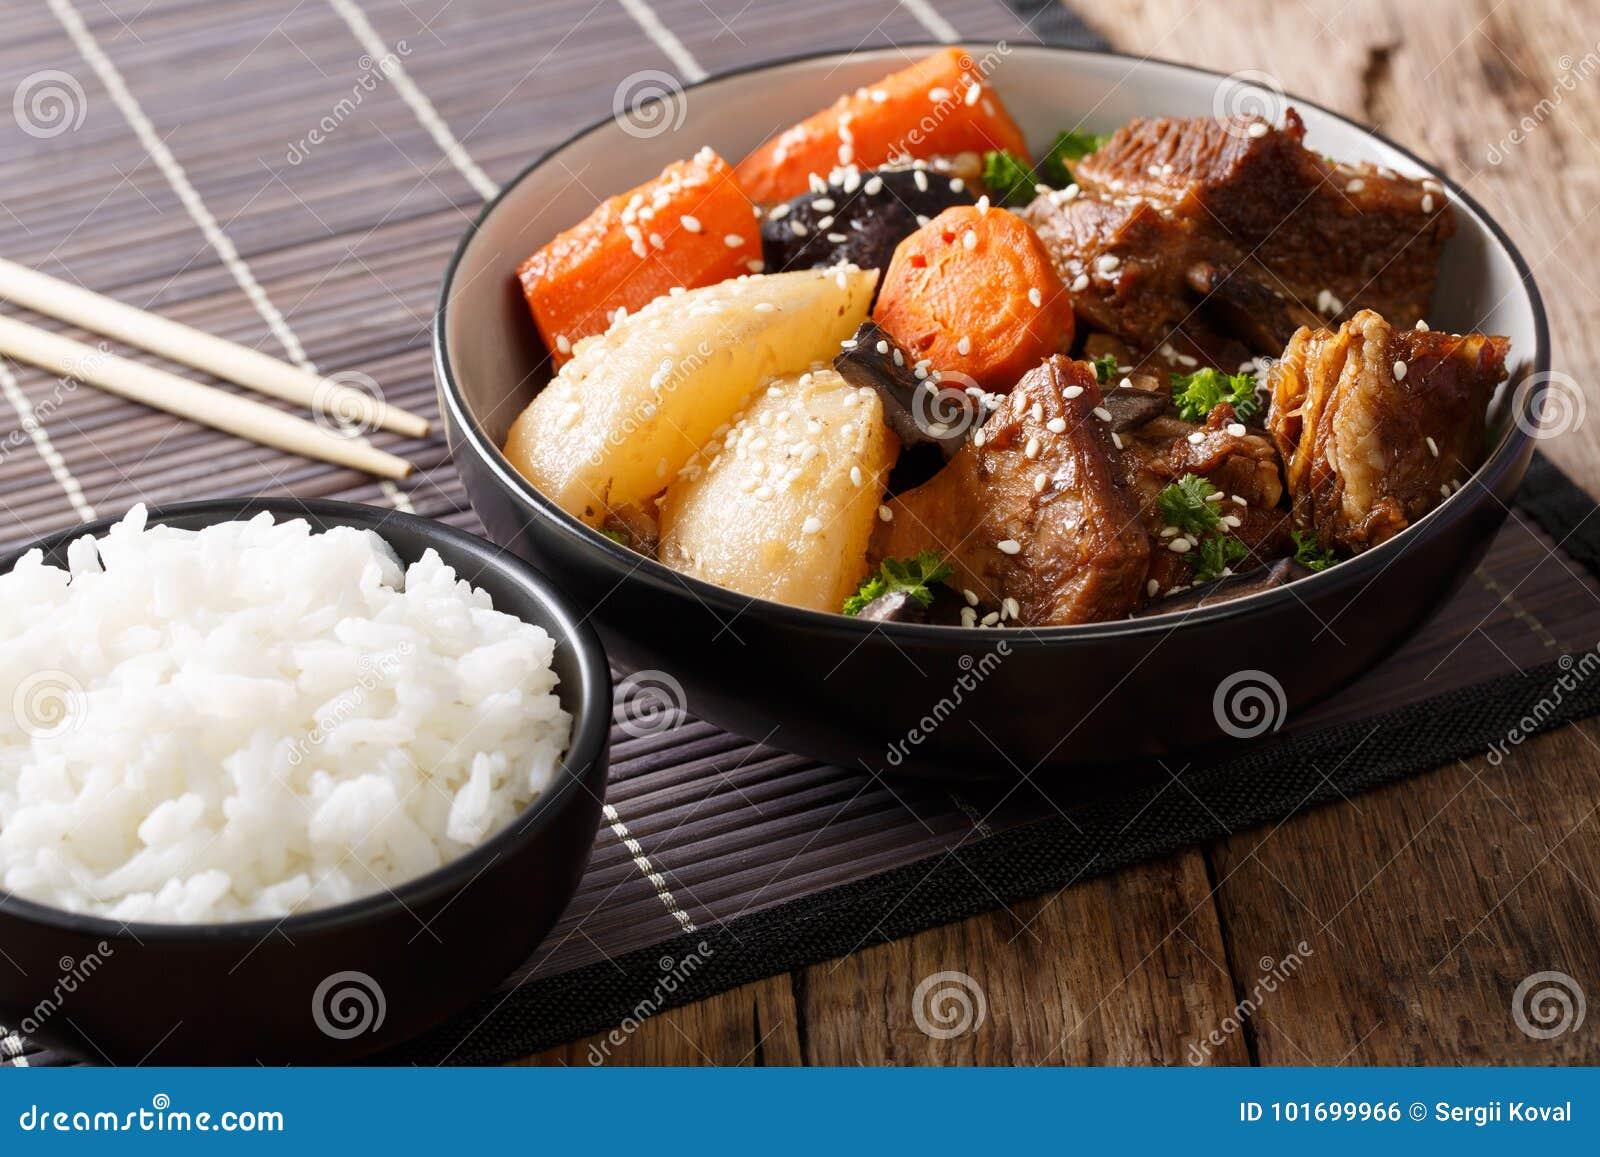 Galbi jjim eller Kalbi Jim - korean bräserade korta stöd för nötkött med ri